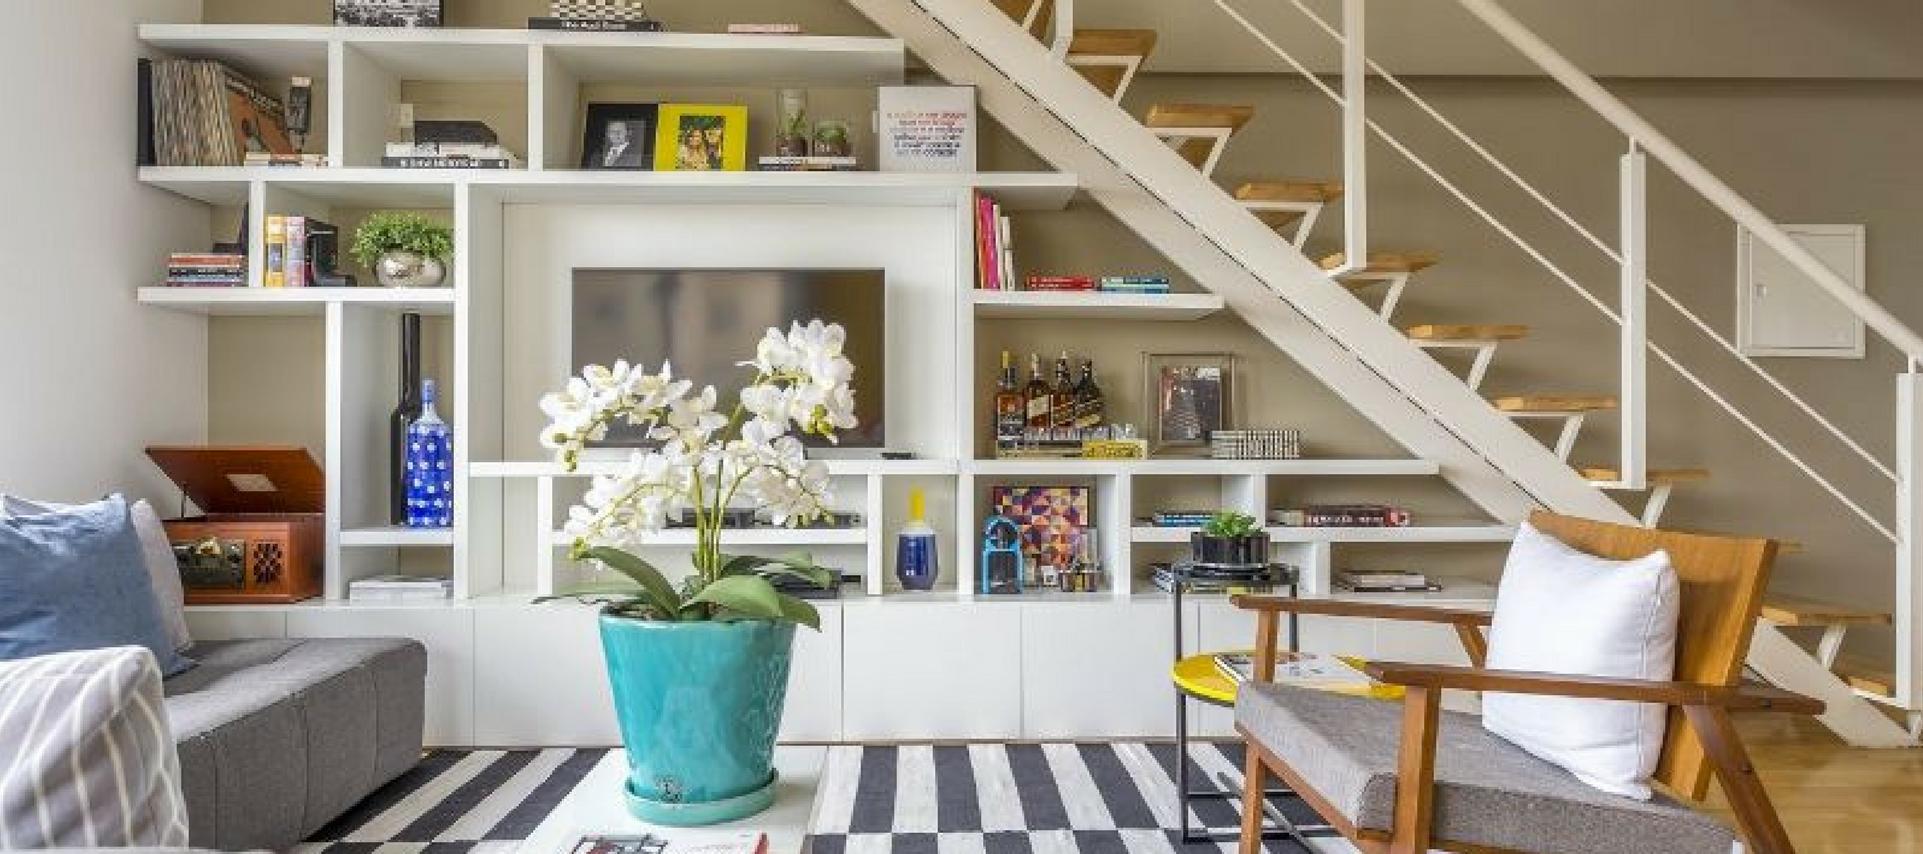 Móveis embaixo da escada – aproveitando espaço!